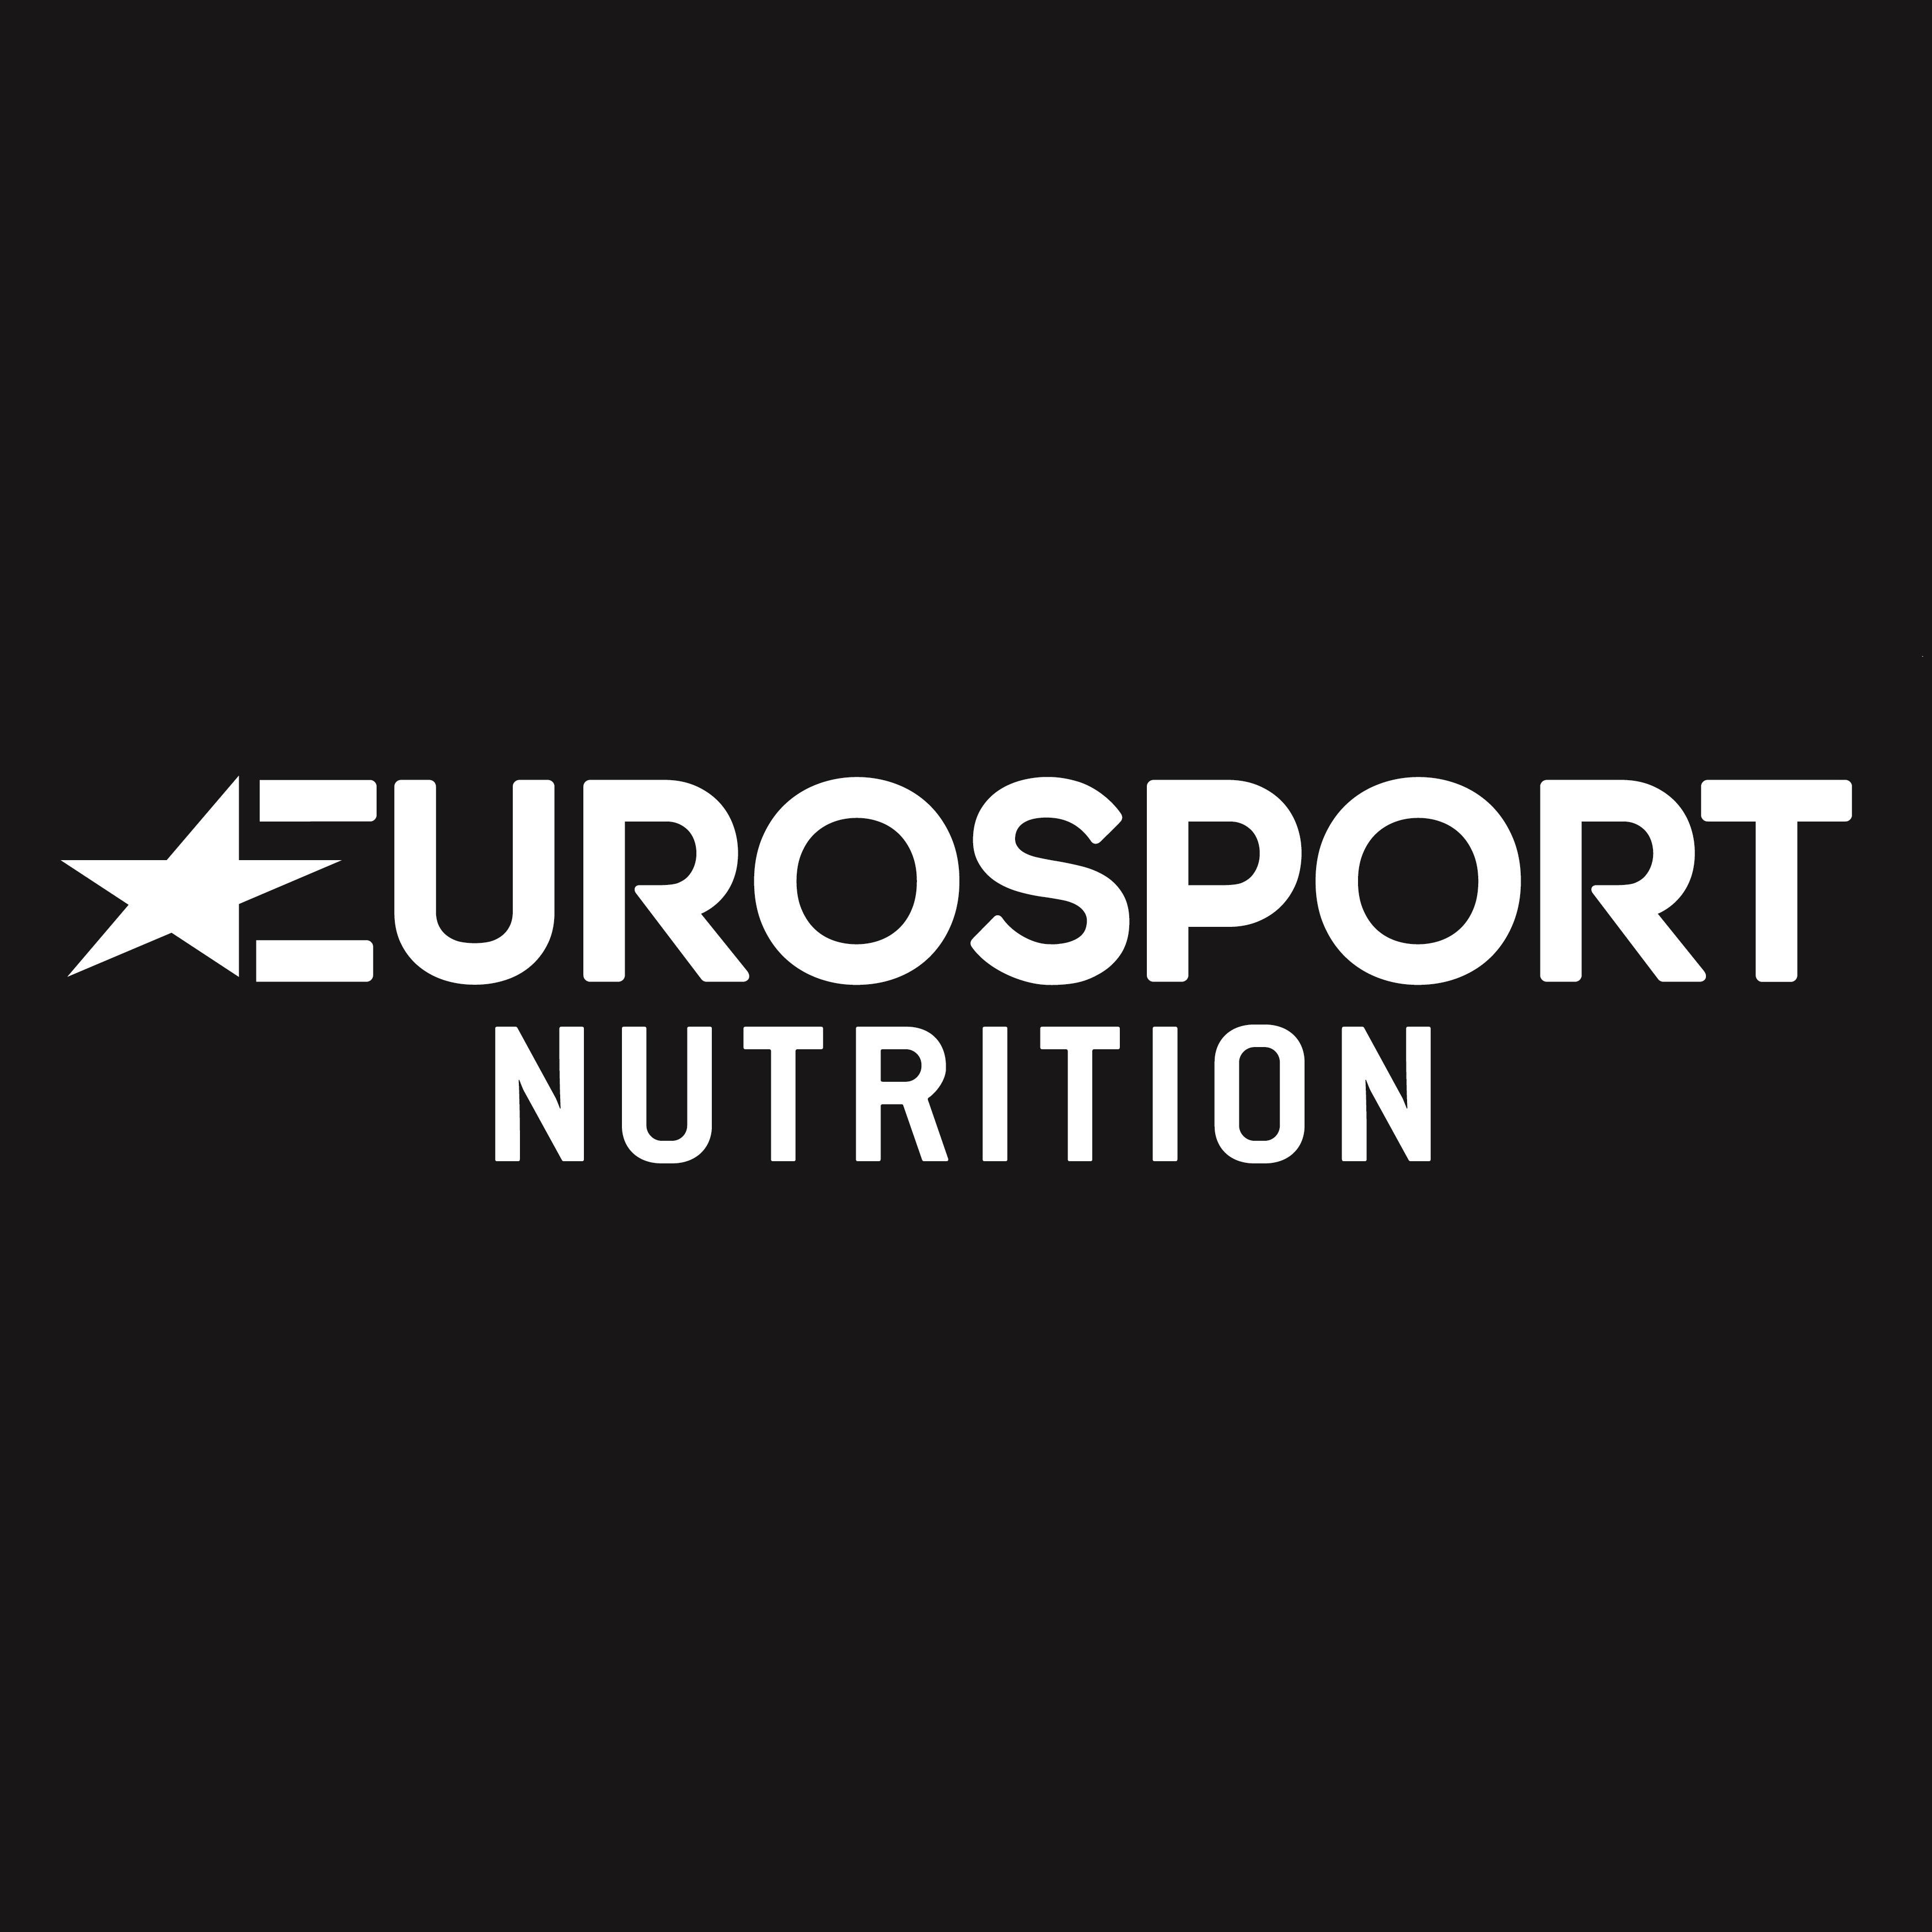 New: Eurosport Nutrition